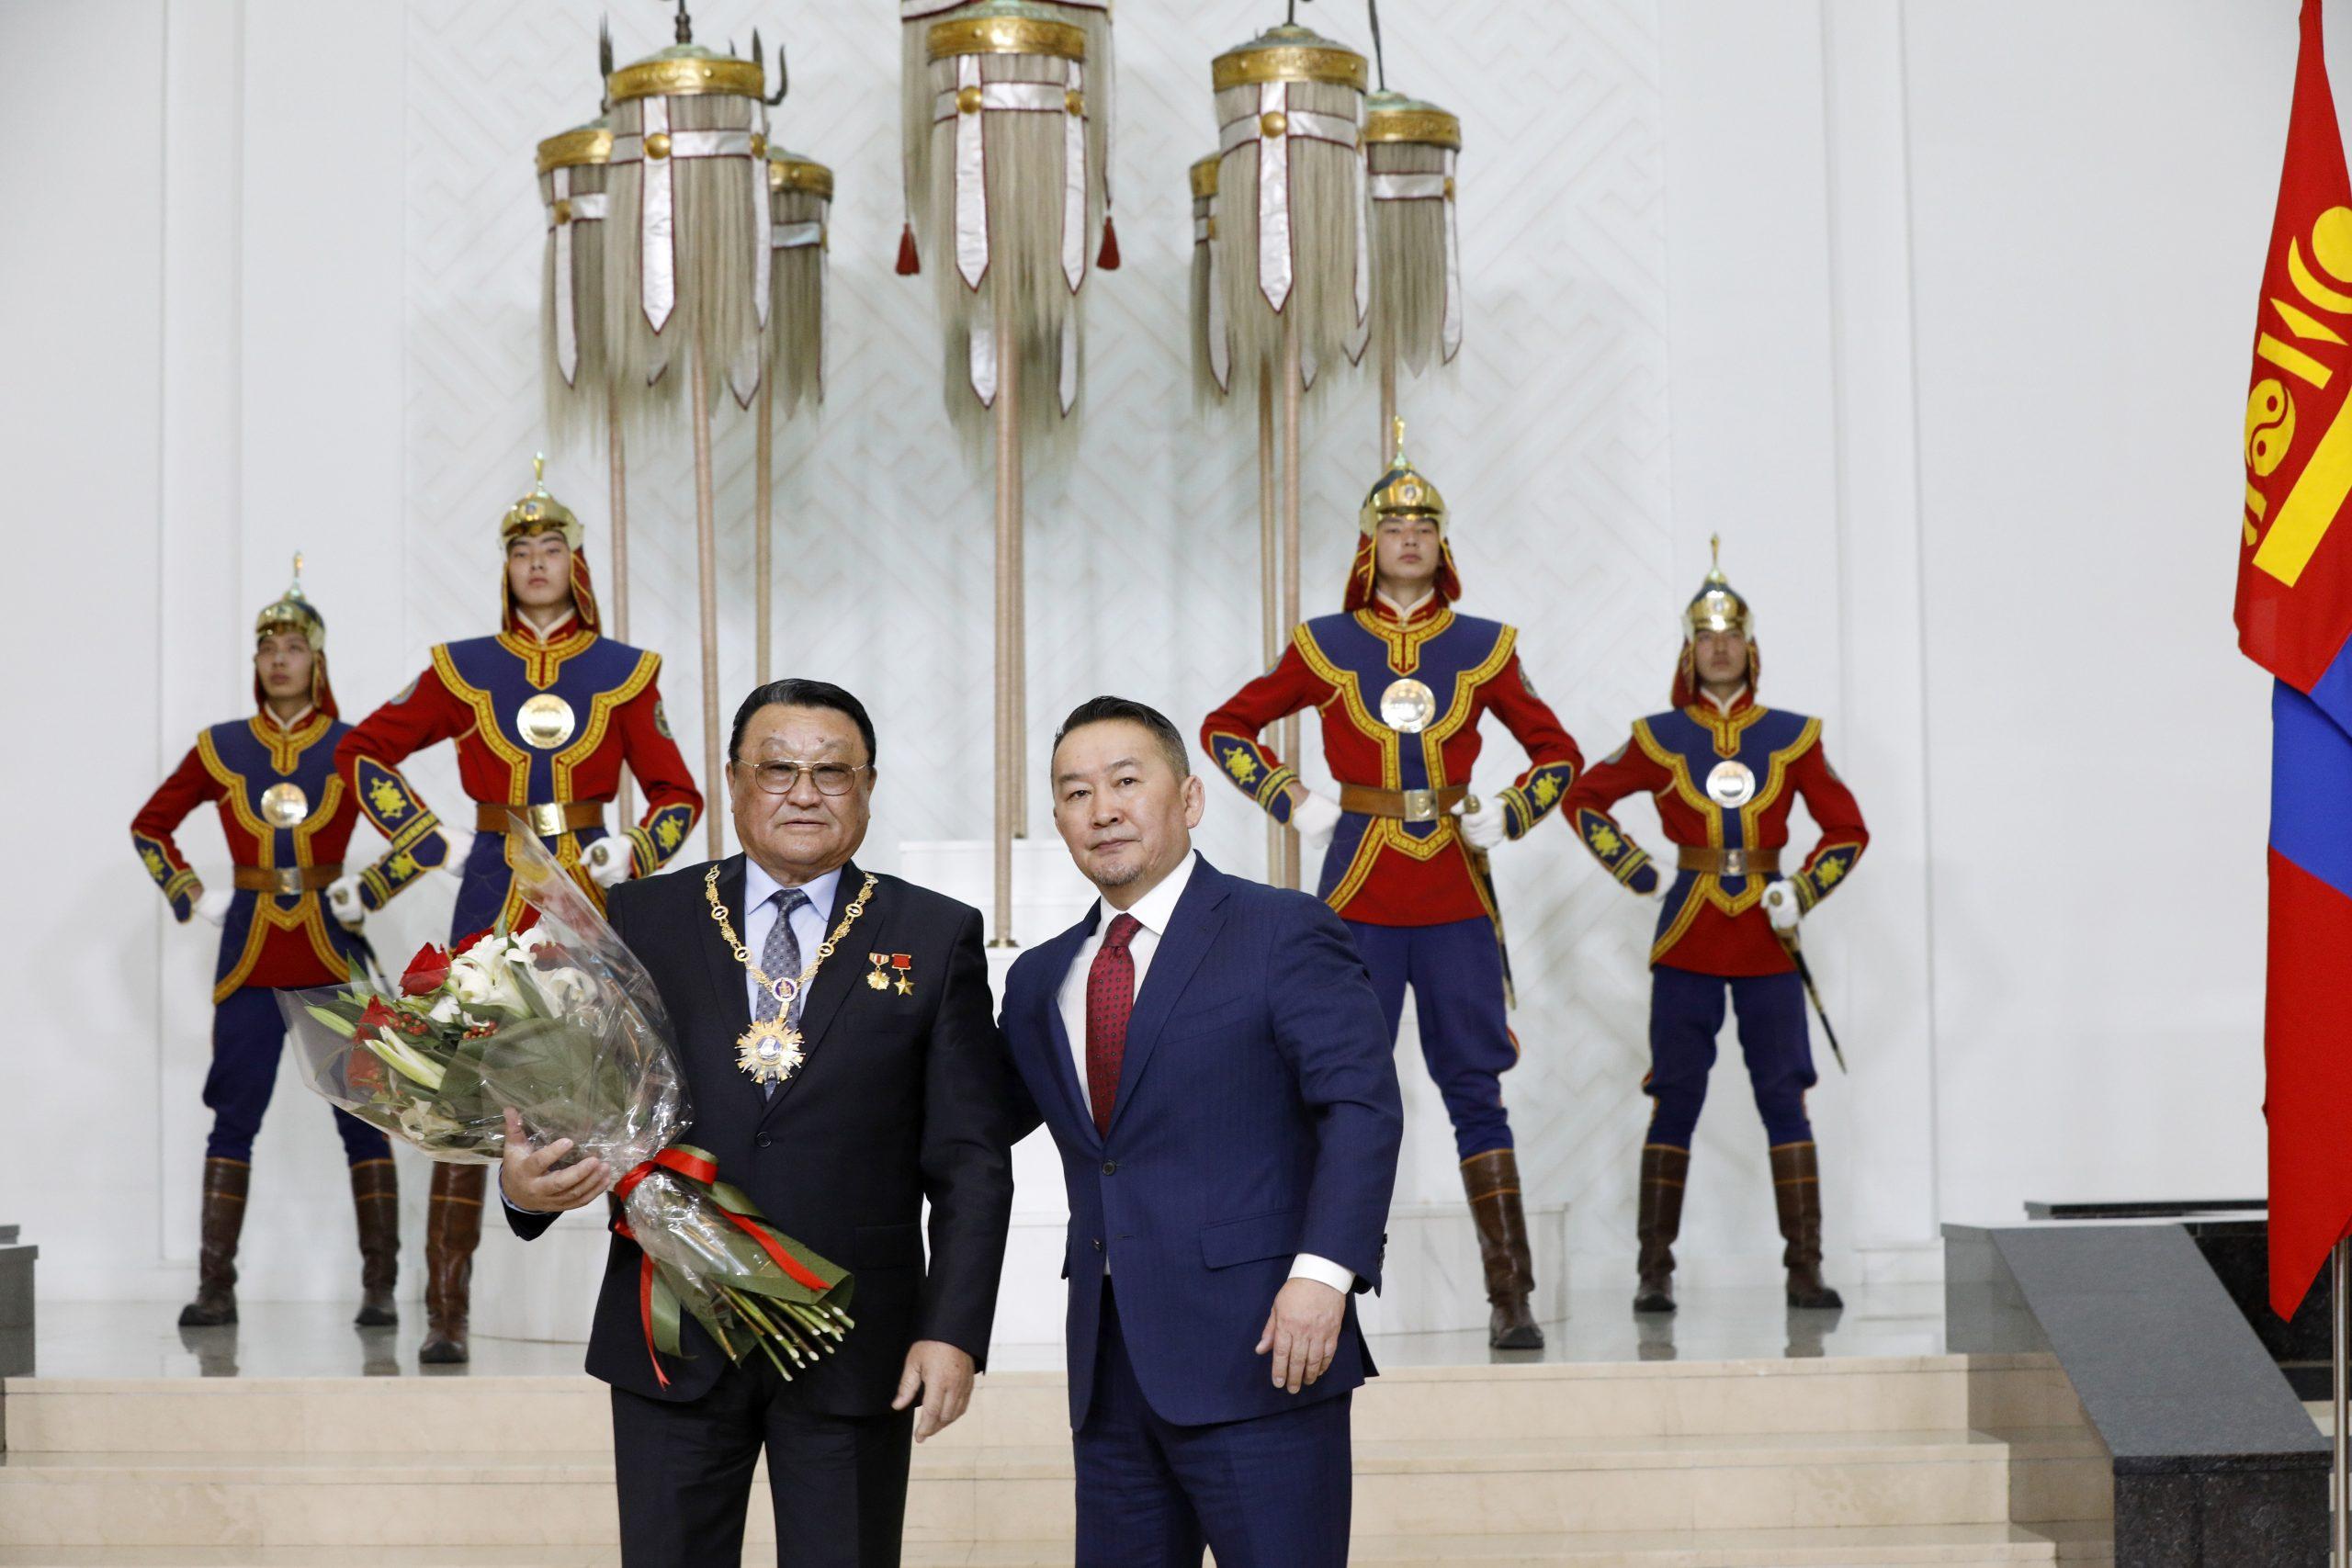 """Монгол Улсын Ерөнхийлөгч Х.Баттулга зарлиг гаргаж, Монгол Улсын төрийн дээд шагнал, тэргүүн зэргийн """"Чингис хаан"""" одонг сансрын нисгэгч Ж.Гүррагчаад хүртээлээ"""